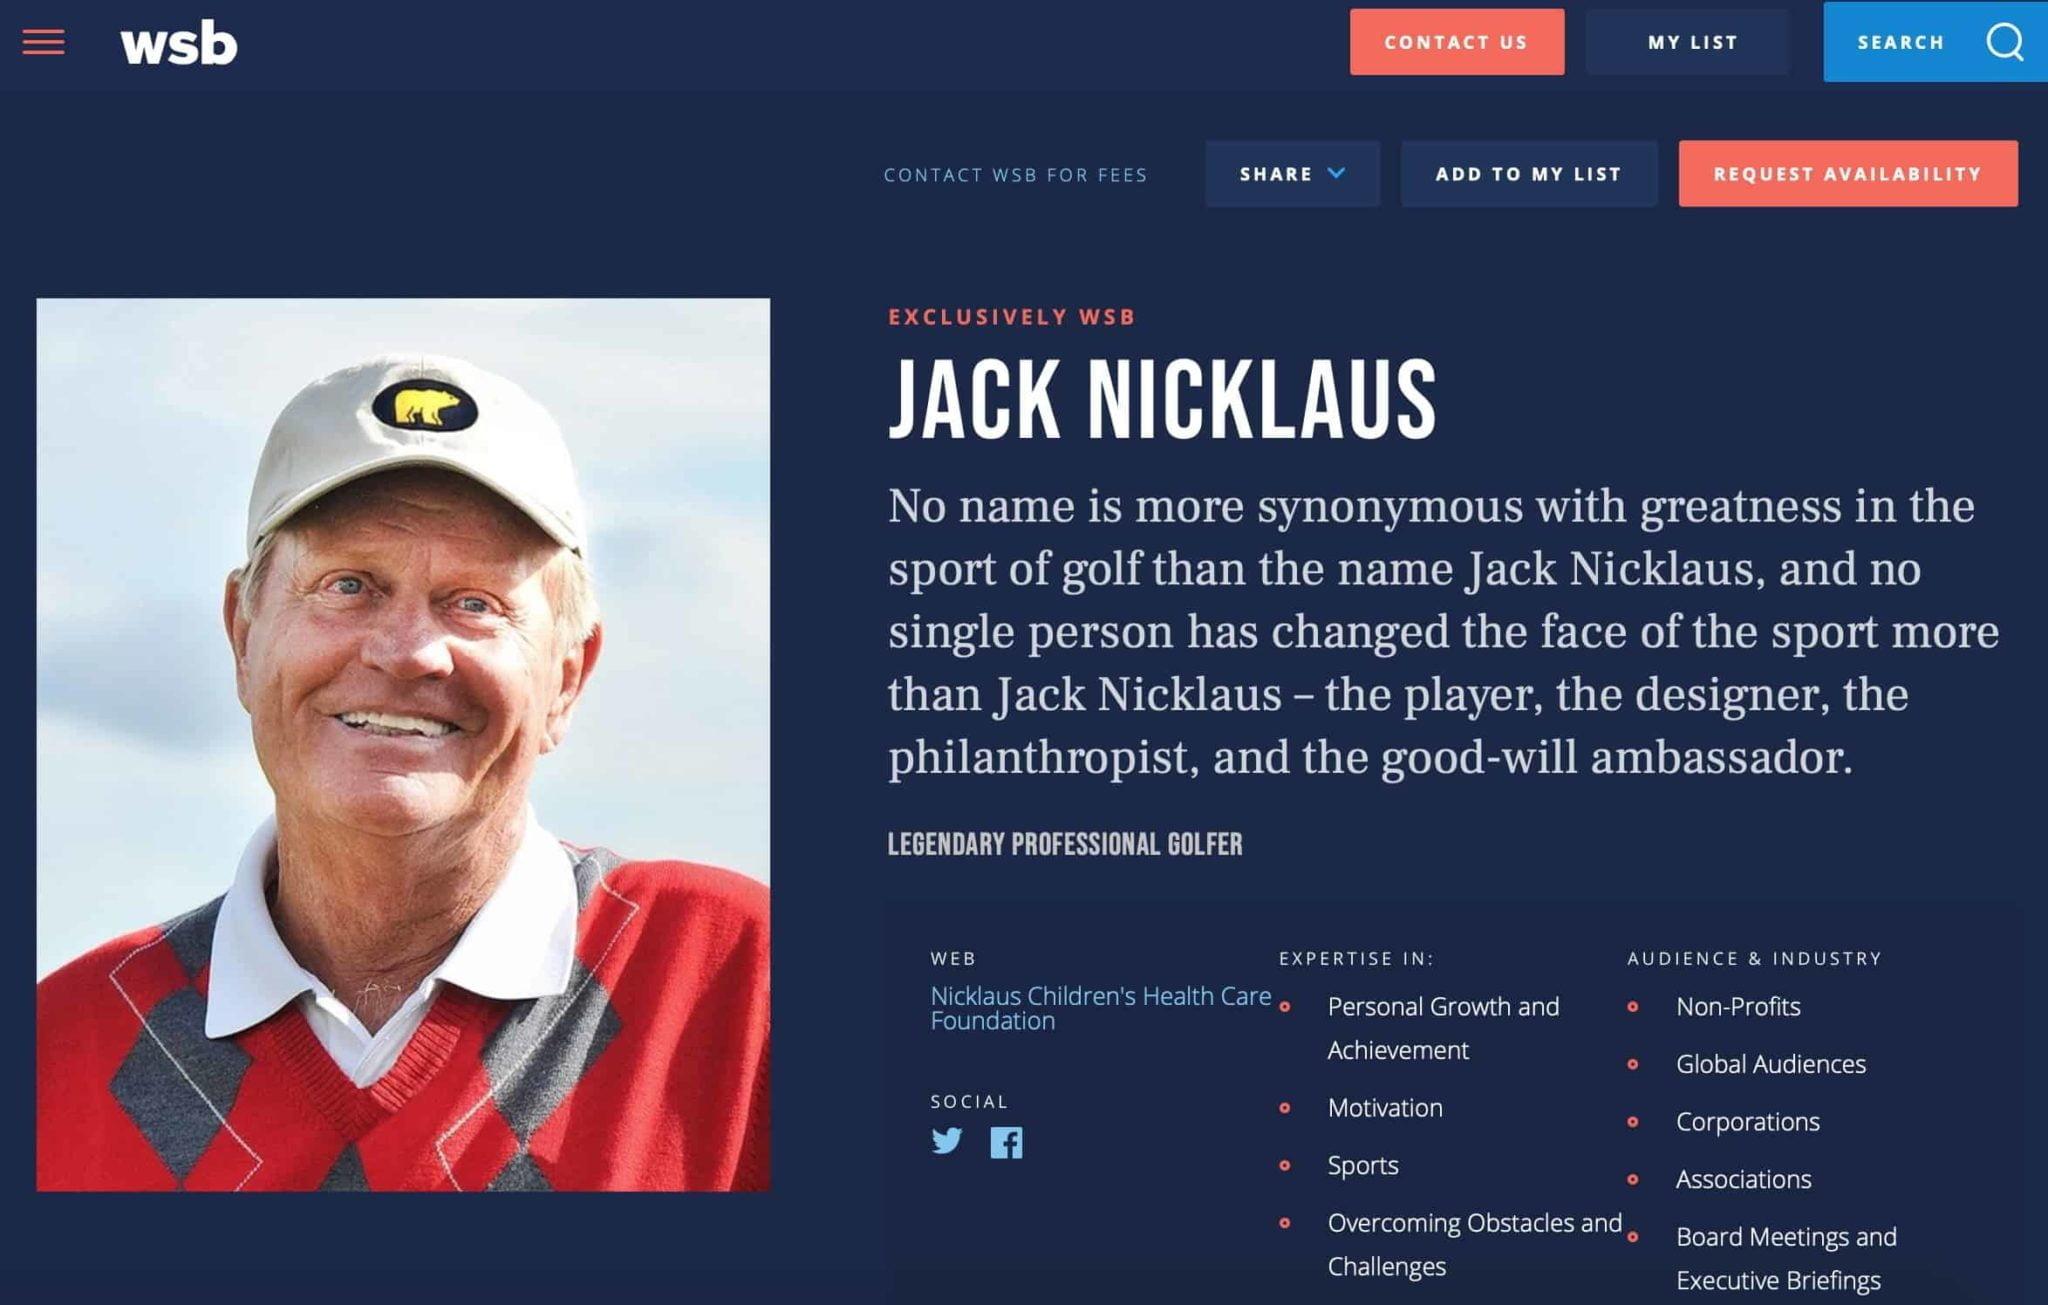 WSB-Jack-Nicklaus